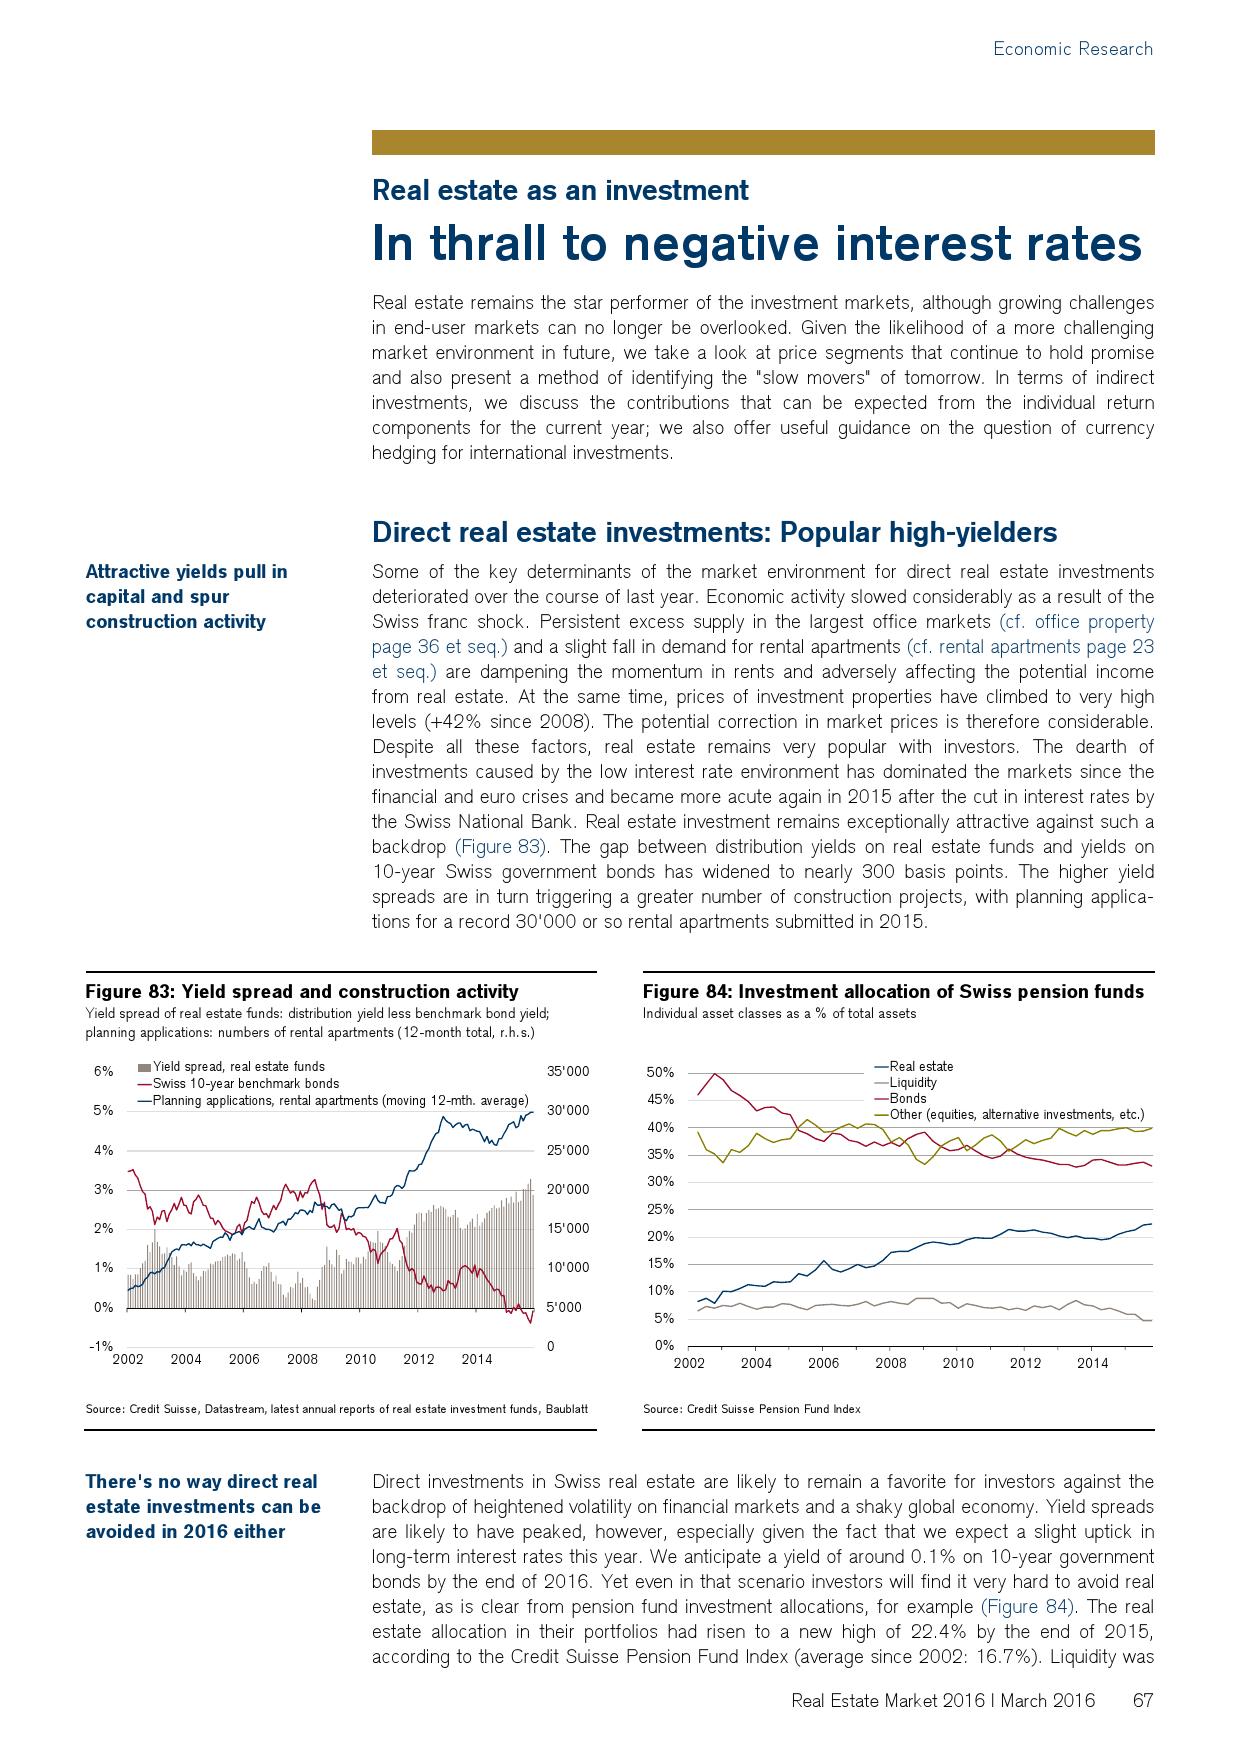 2016年瑞士房地产市场研究报告_000067